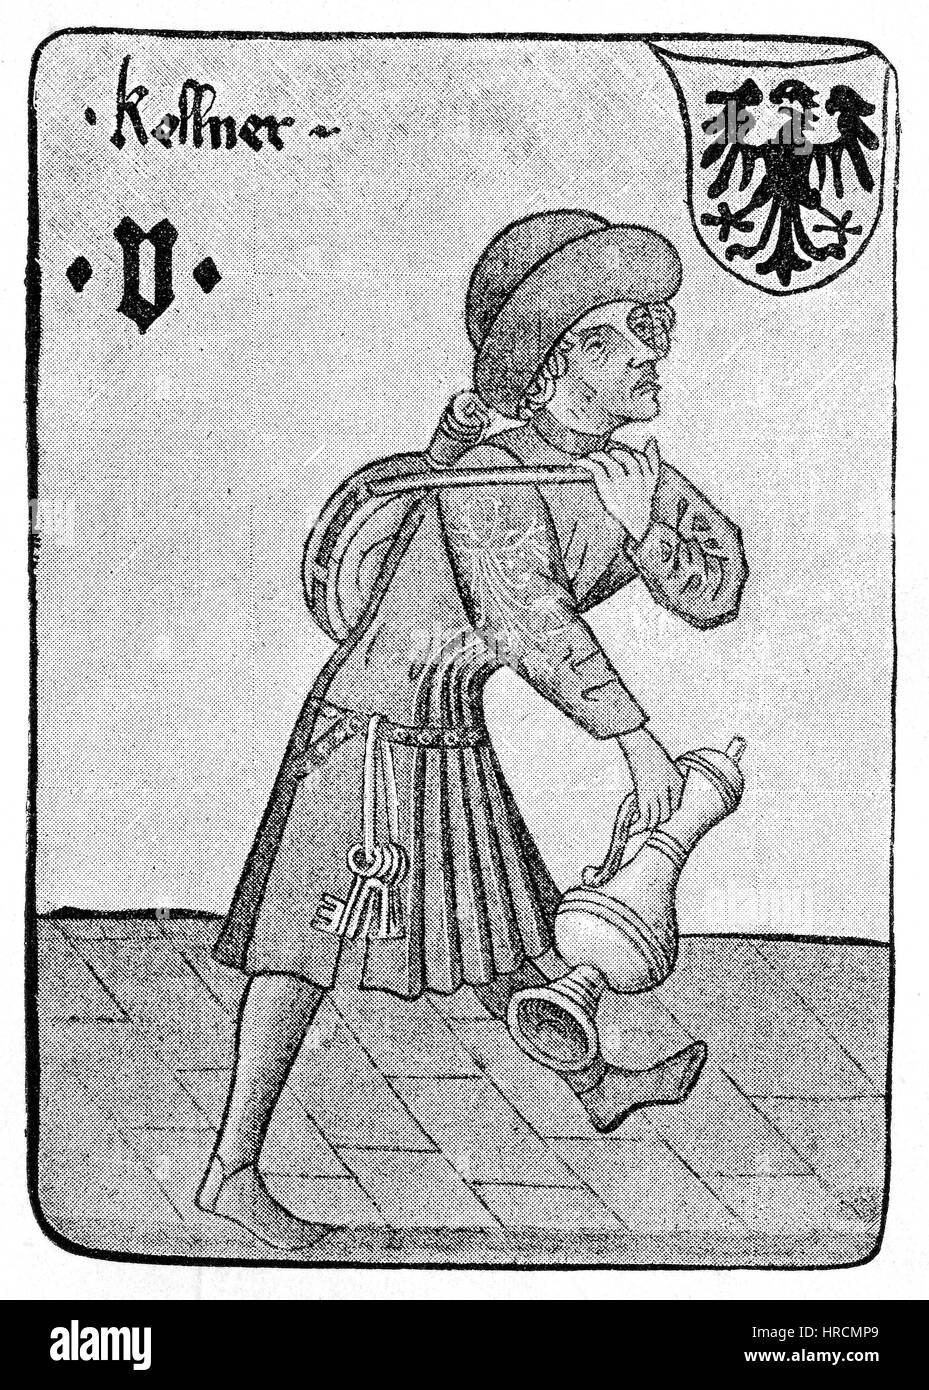 El camarero, enólogo, una hoja de las cuatro cincos desde un juego de tarjeta cortesana del siglo XV, Viena, Austria, Foto de stock